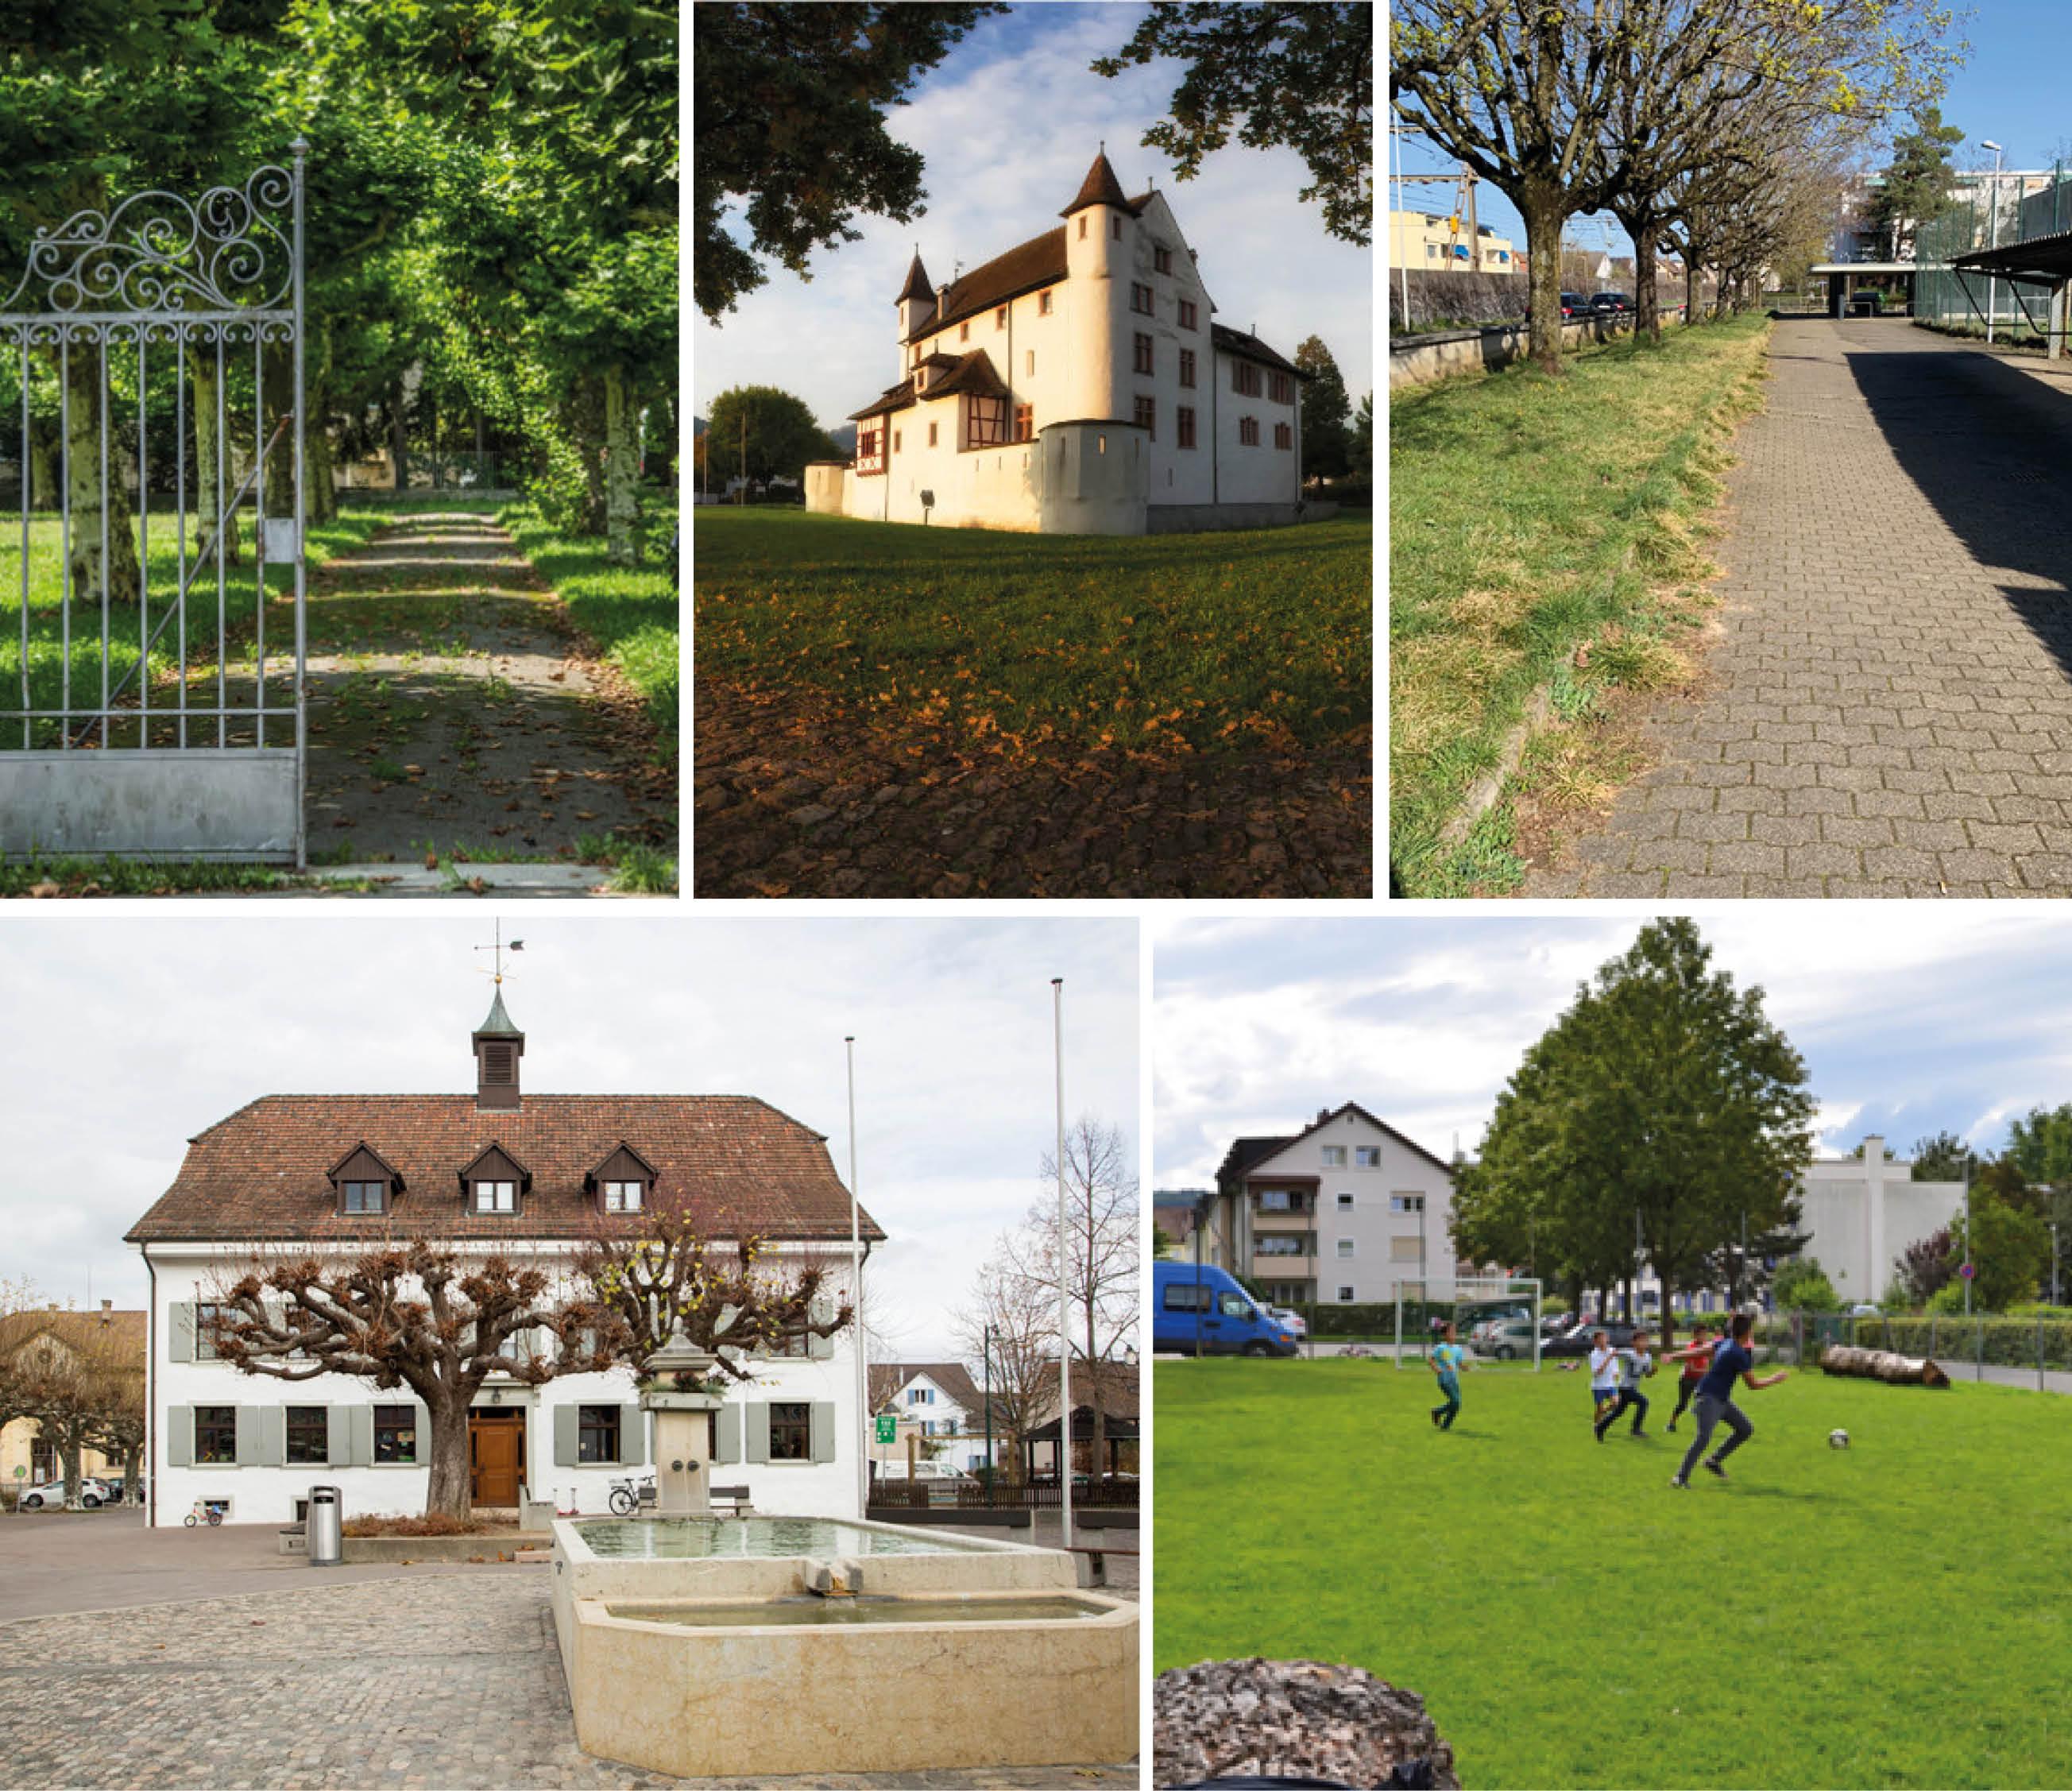 Platz Gemeinde Pratteln